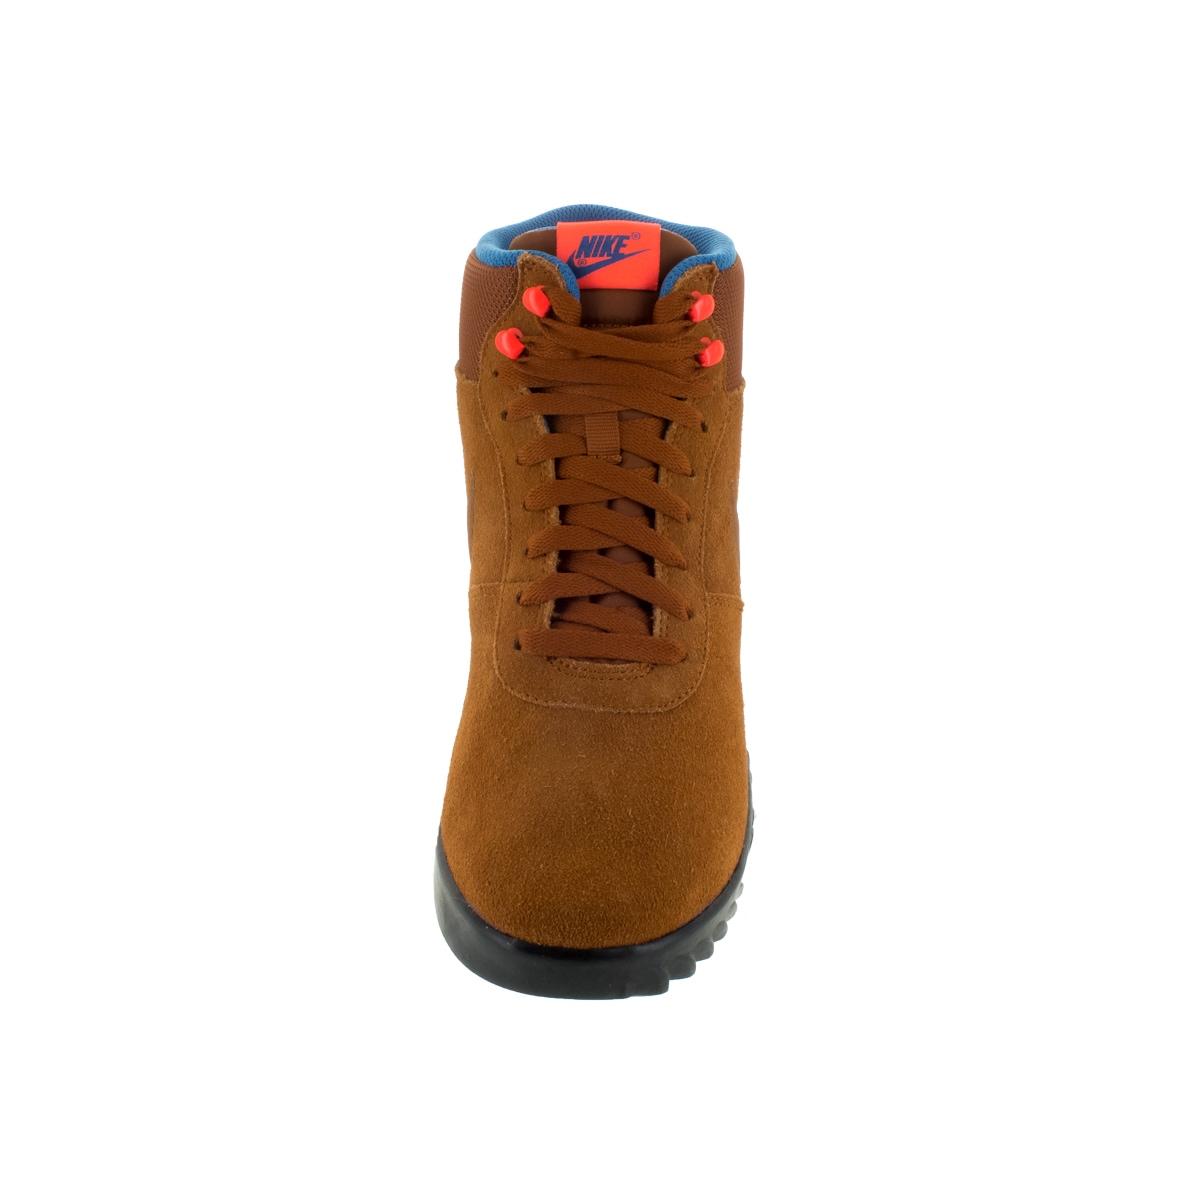 747de01918014 Nike Men's Hoodland Tawny/Orange Suede Boot